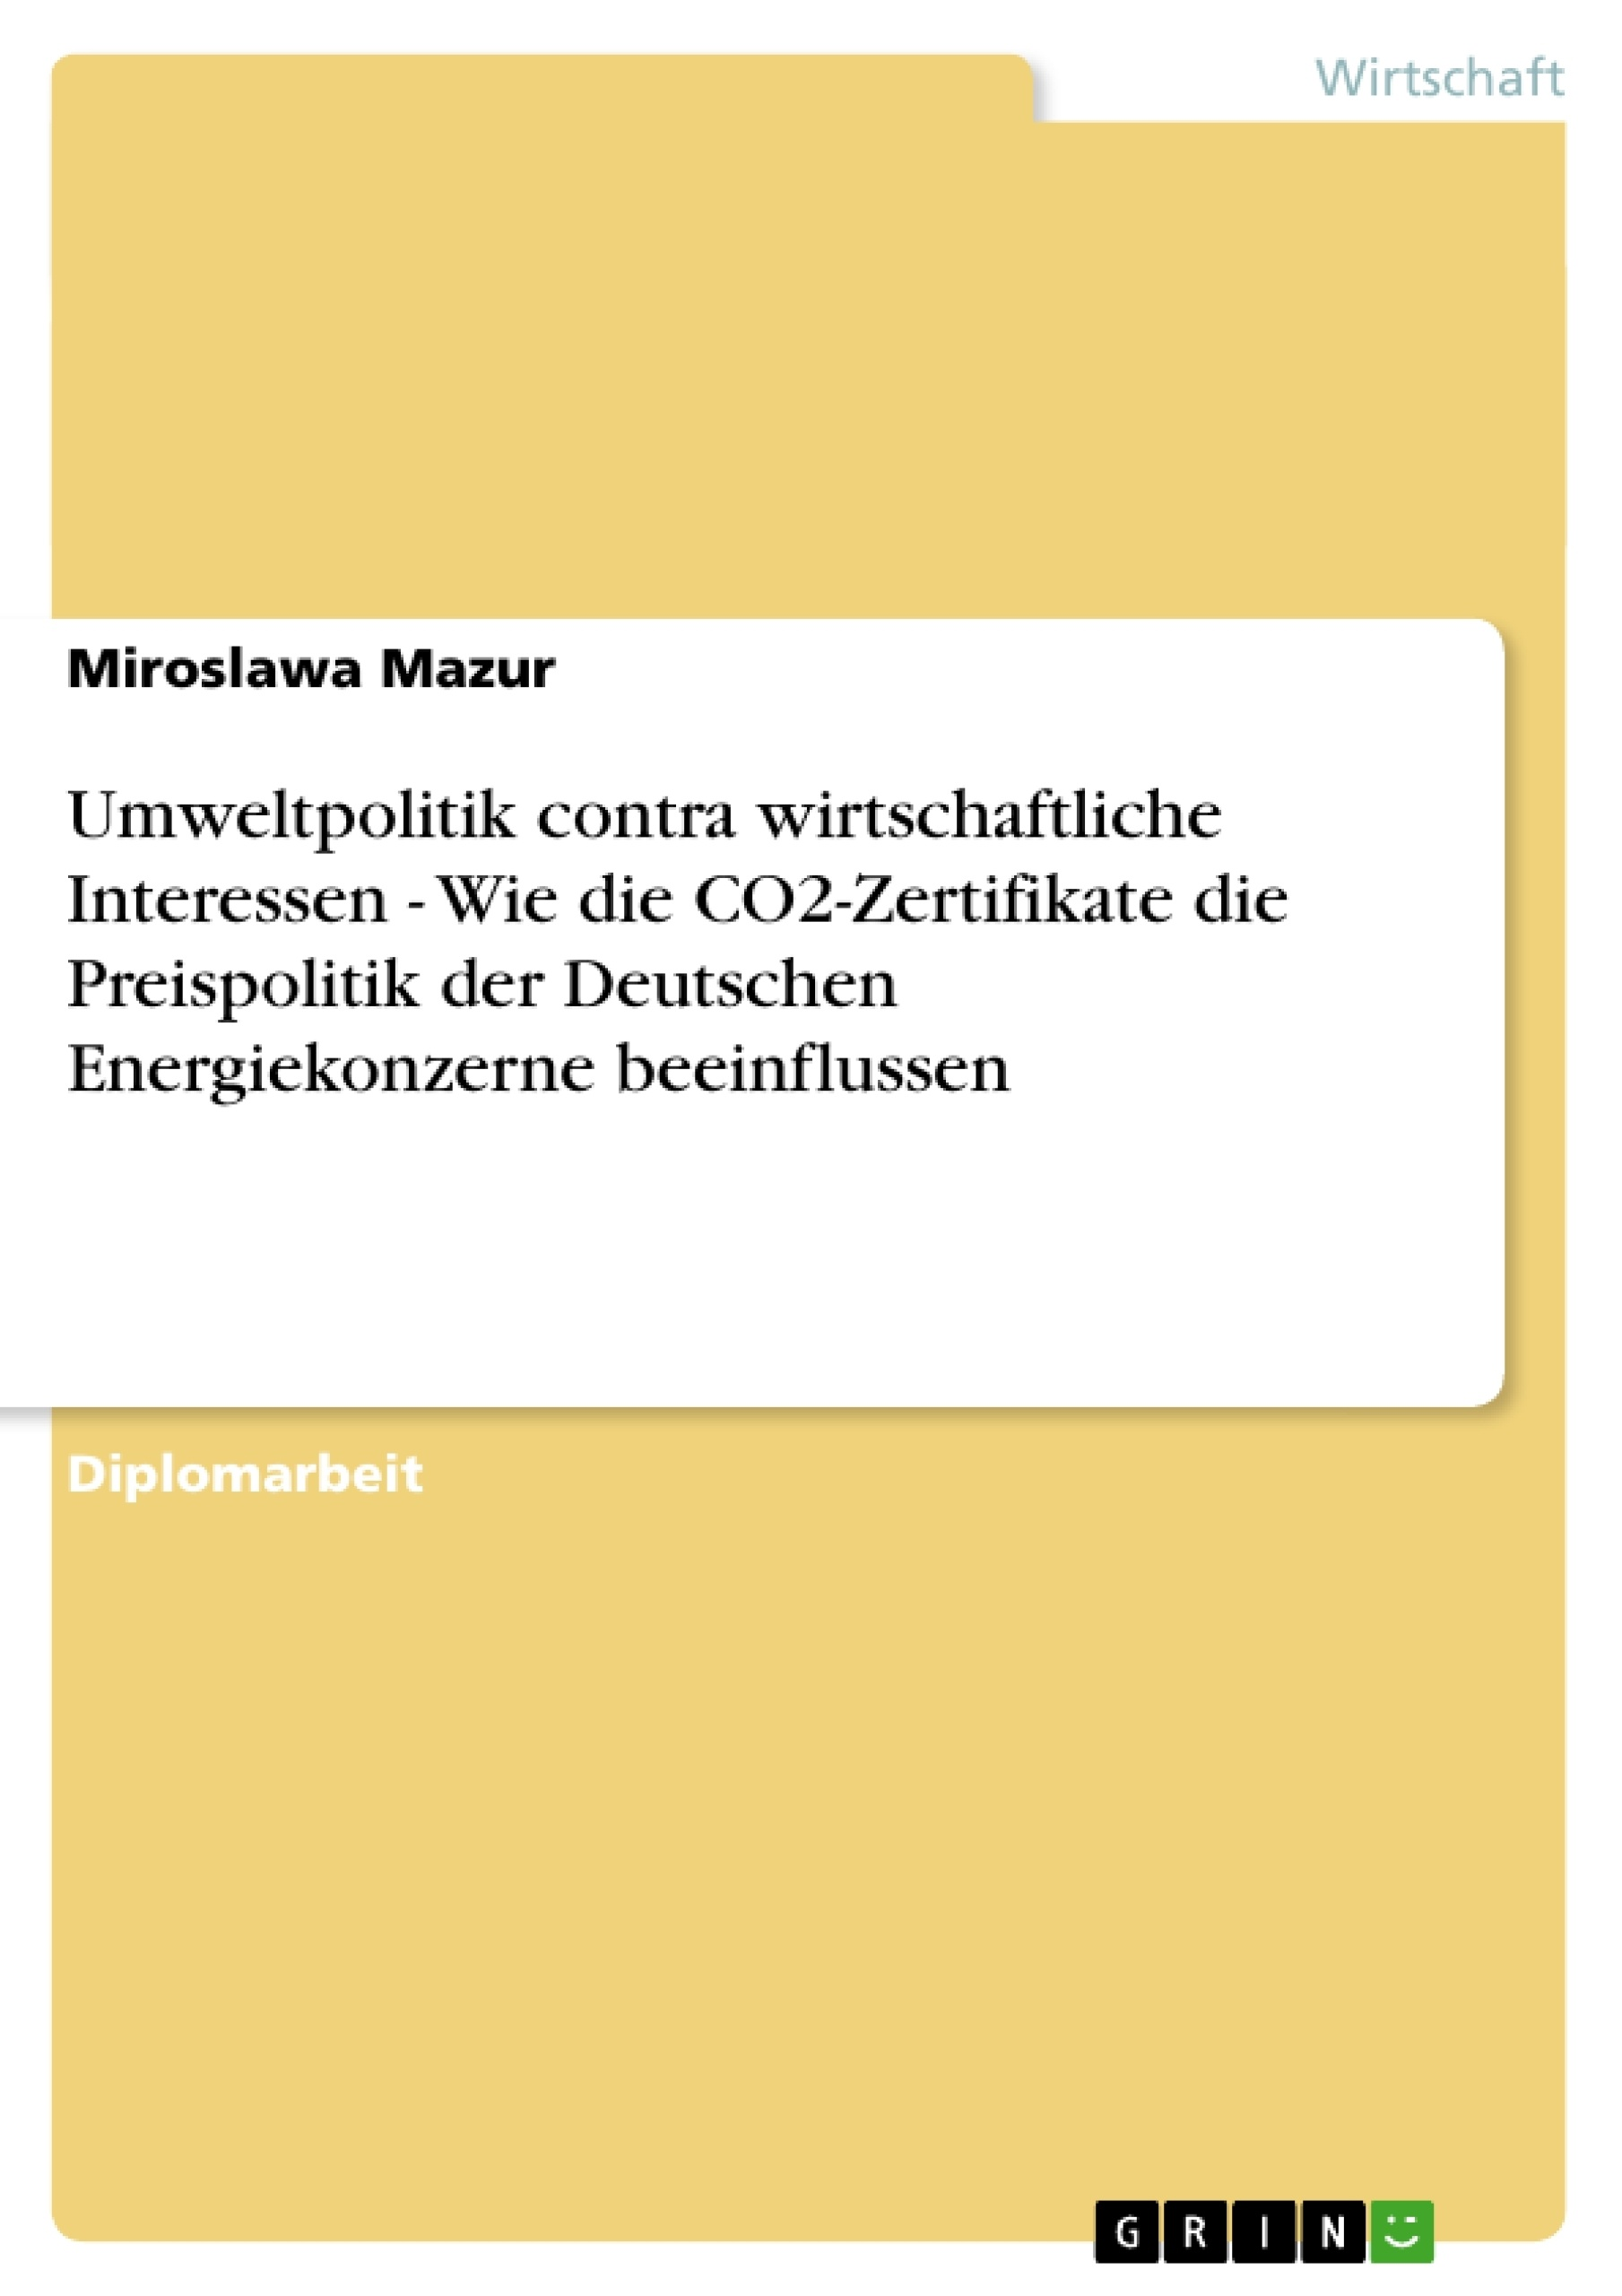 Titel: Umweltpolitik contra wirtschaftliche Interessen - Wie die CO2-Zertifikate die Preispolitik der Deutschen Energiekonzerne beeinflussen